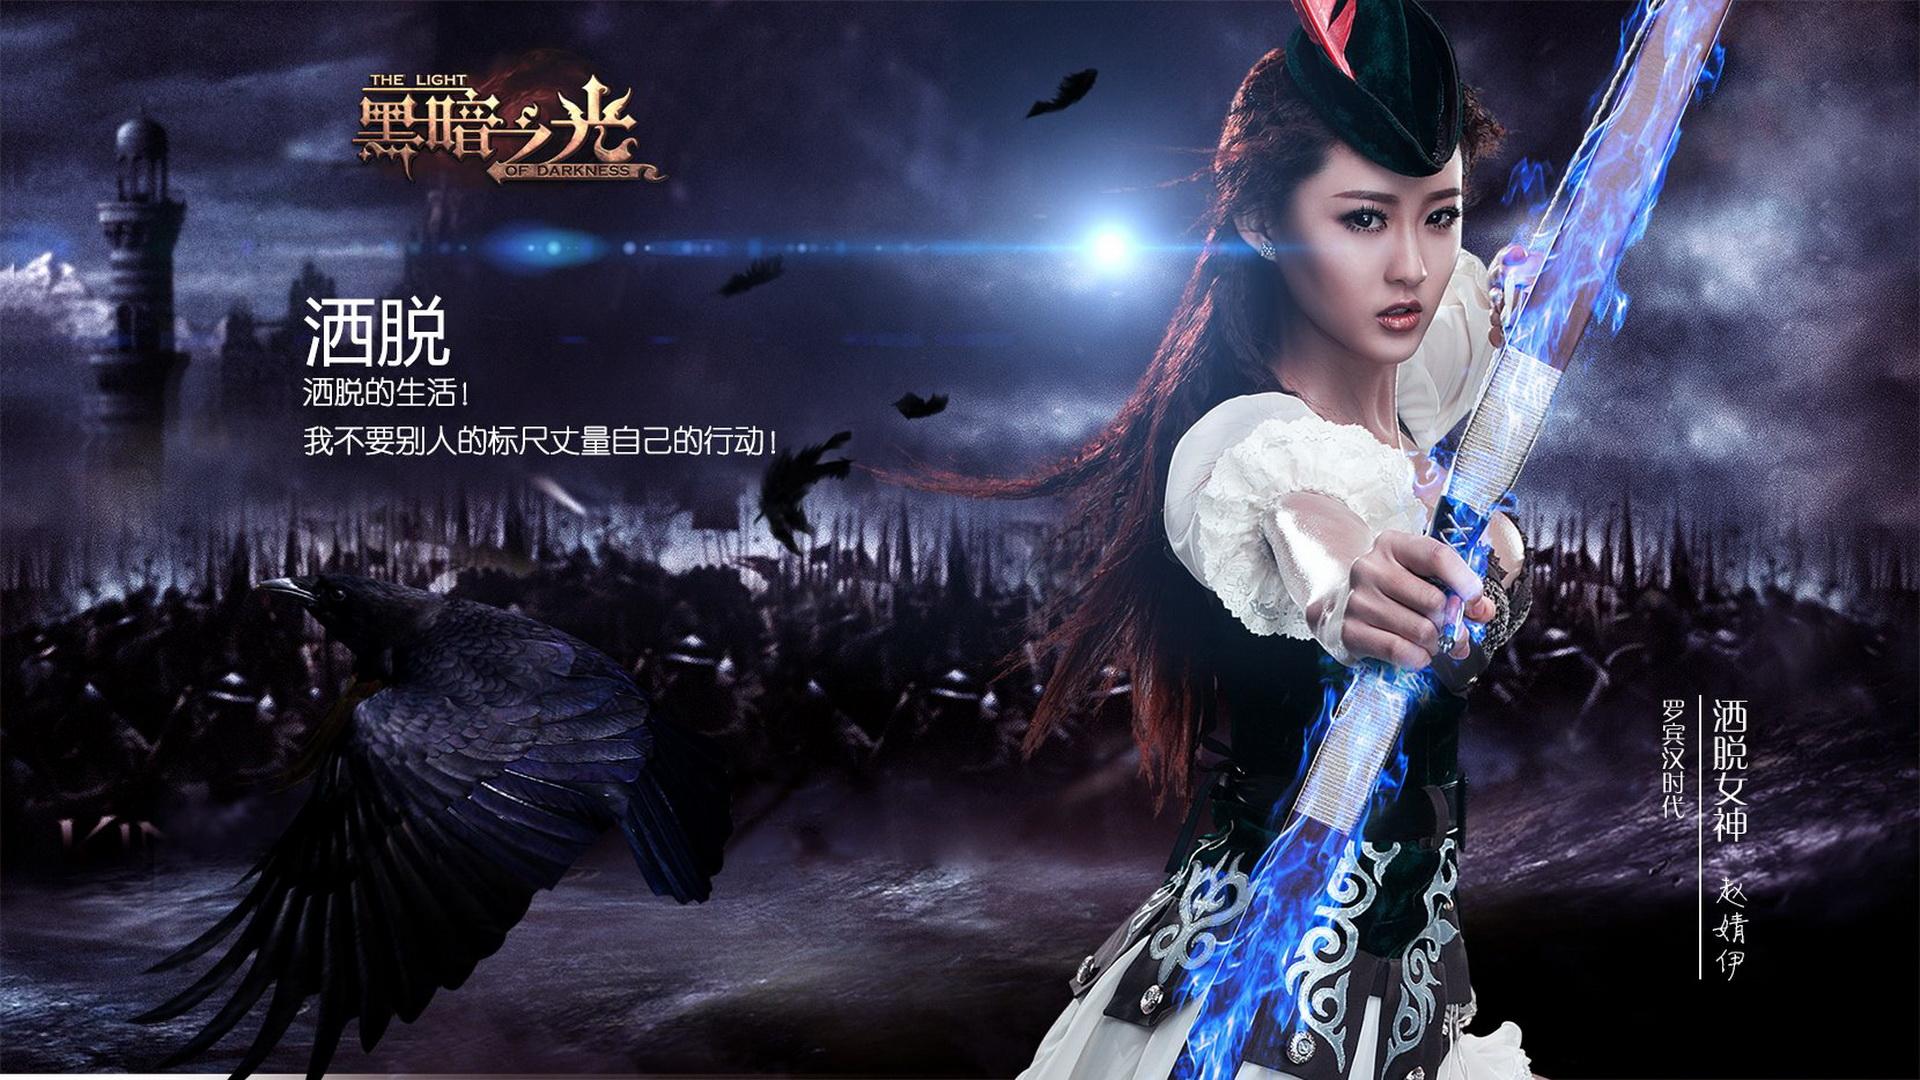 网络游戏3d美女_美女自曝惊艳仙照望《天界》为其定角